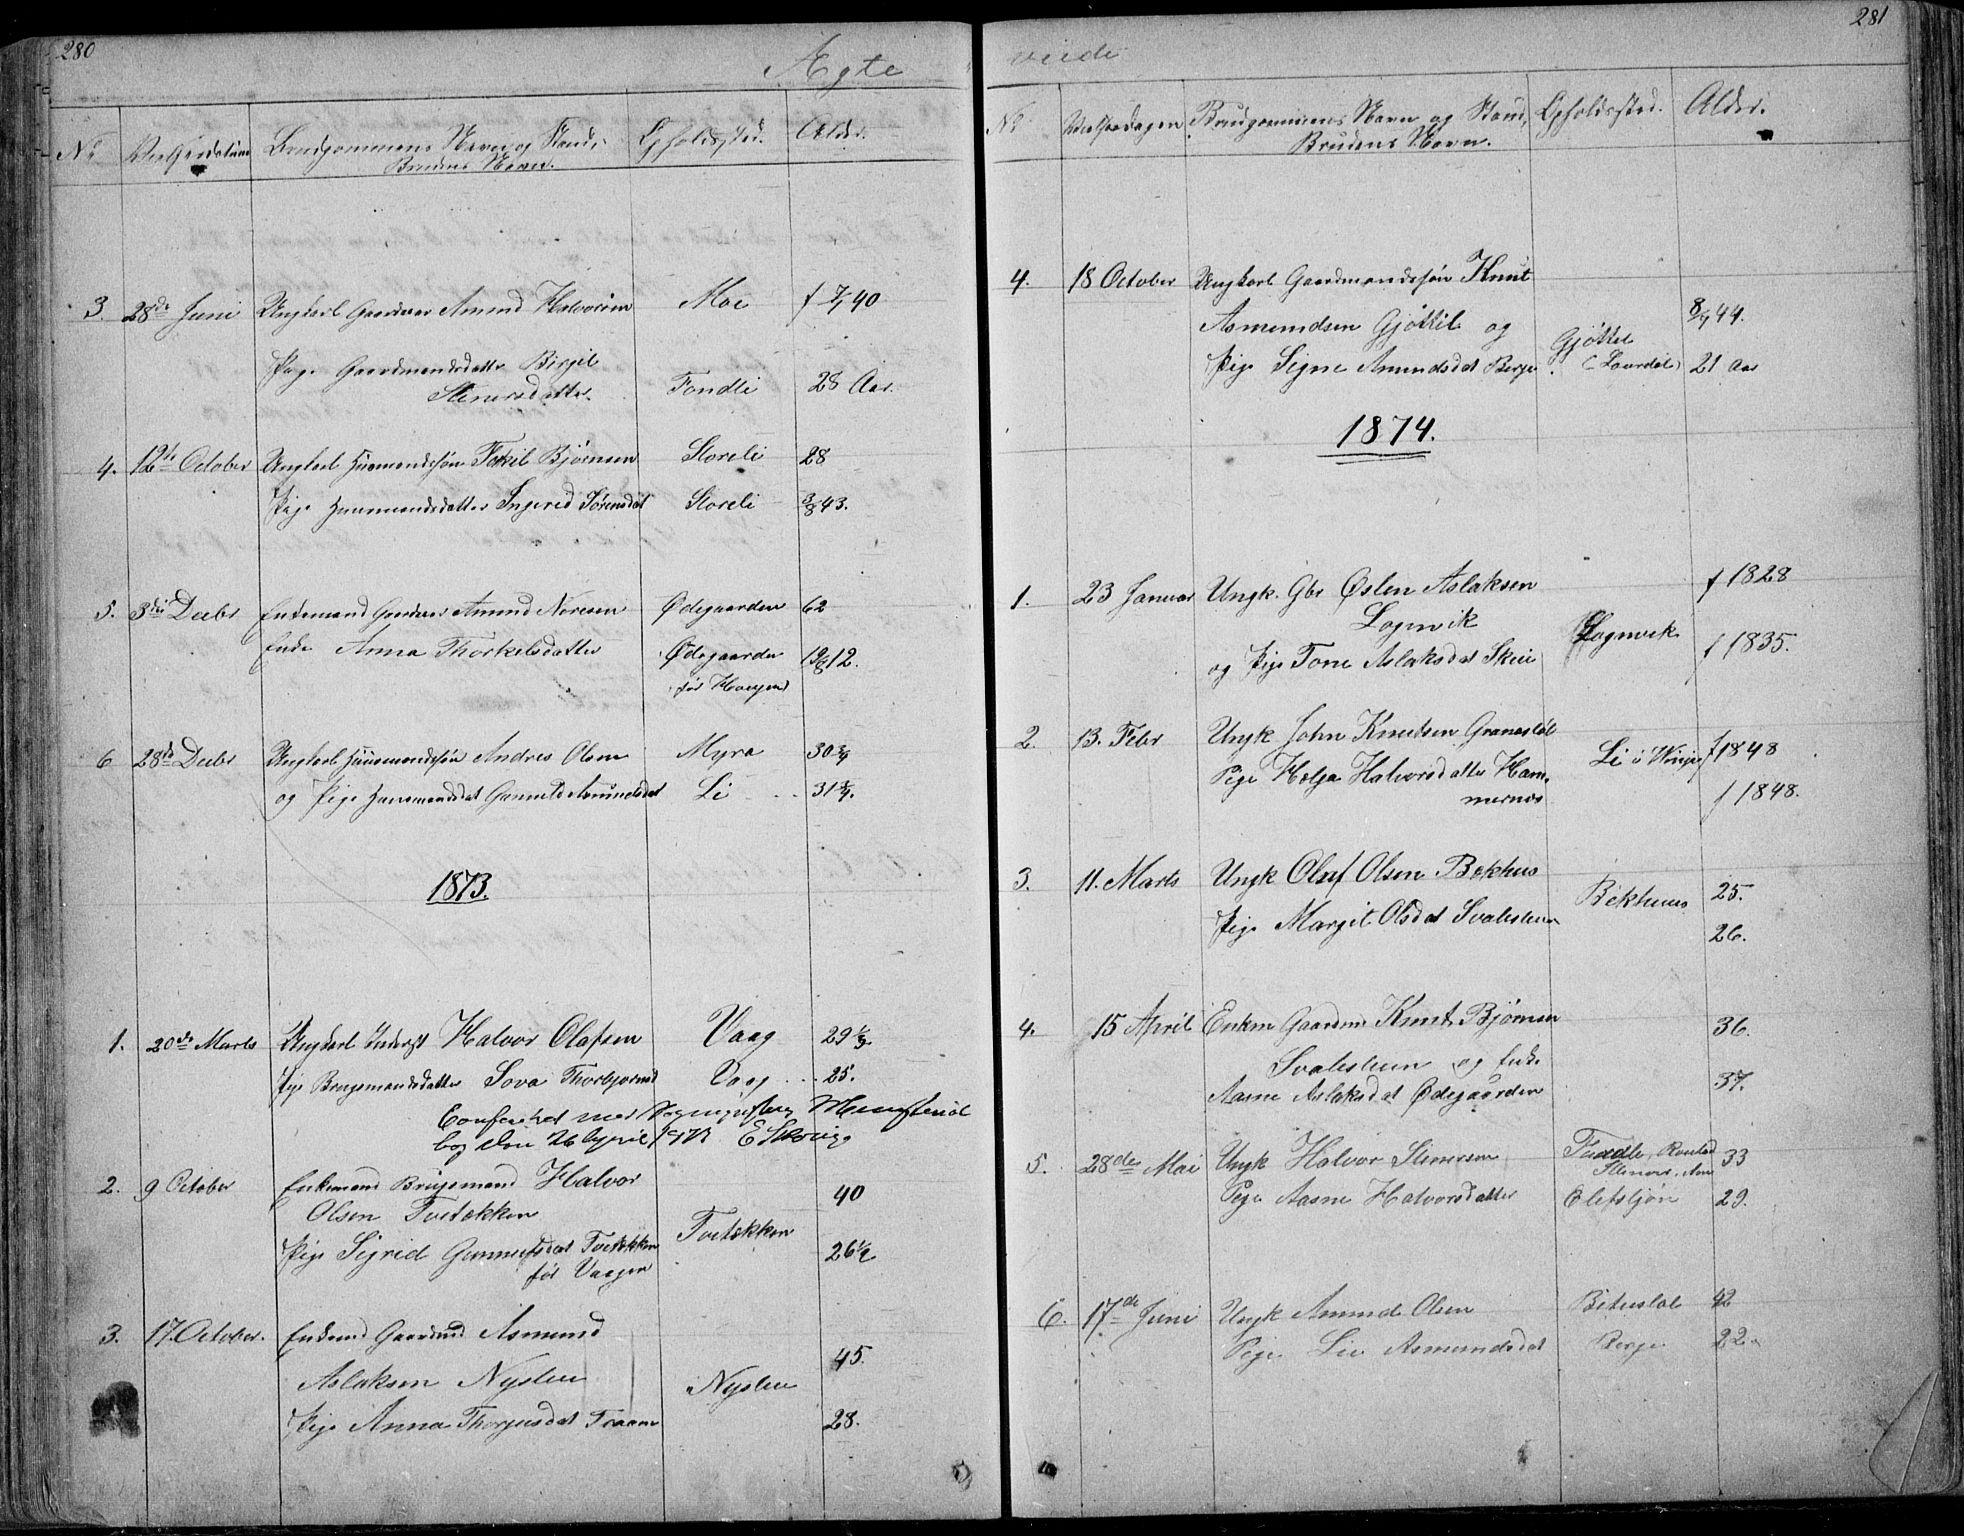 SAKO, Rauland kirkebøker, G/Ga/L0002: Klokkerbok nr. I 2, 1849-1935, s. 280-281